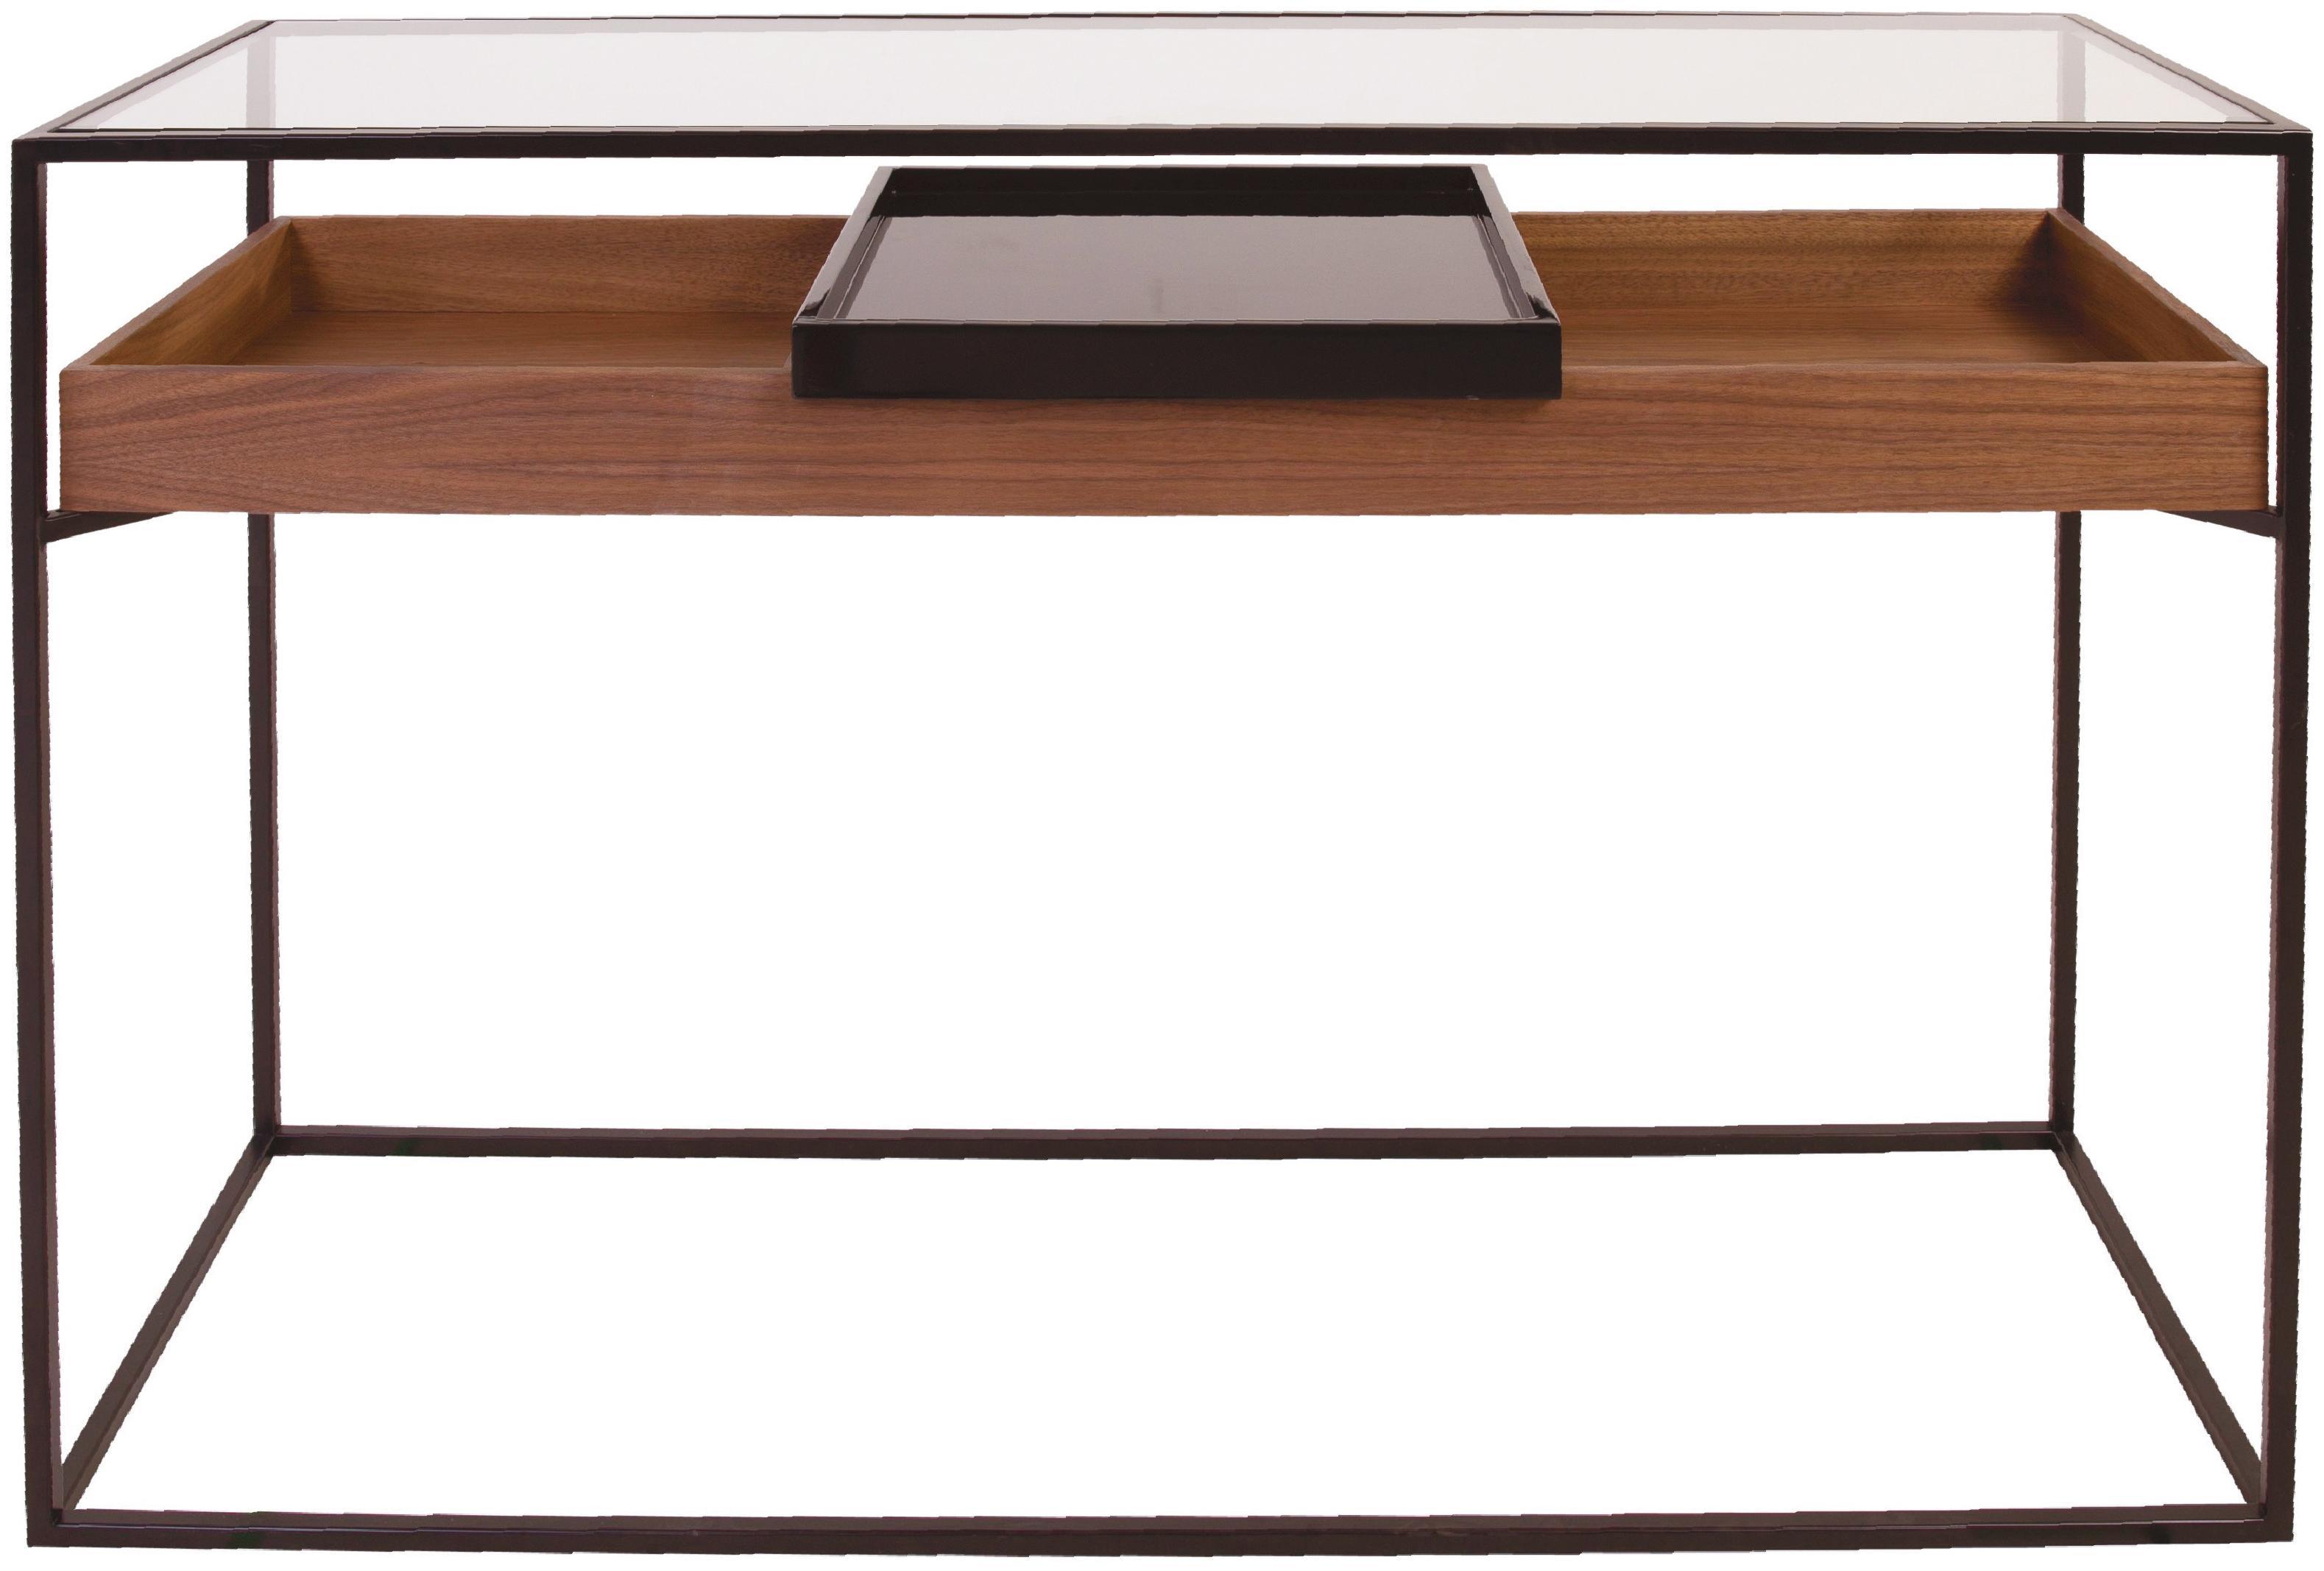 Consolle con contenitori Helix, Struttura: metallo verniciato a polv, Piano d'appoggio: vetro, Ripiano: pannello di fibra a media, Vassoio: metallo verniciato, Nero, trasparente, legno di noce, Larg. 120 x Prof. 40 cm